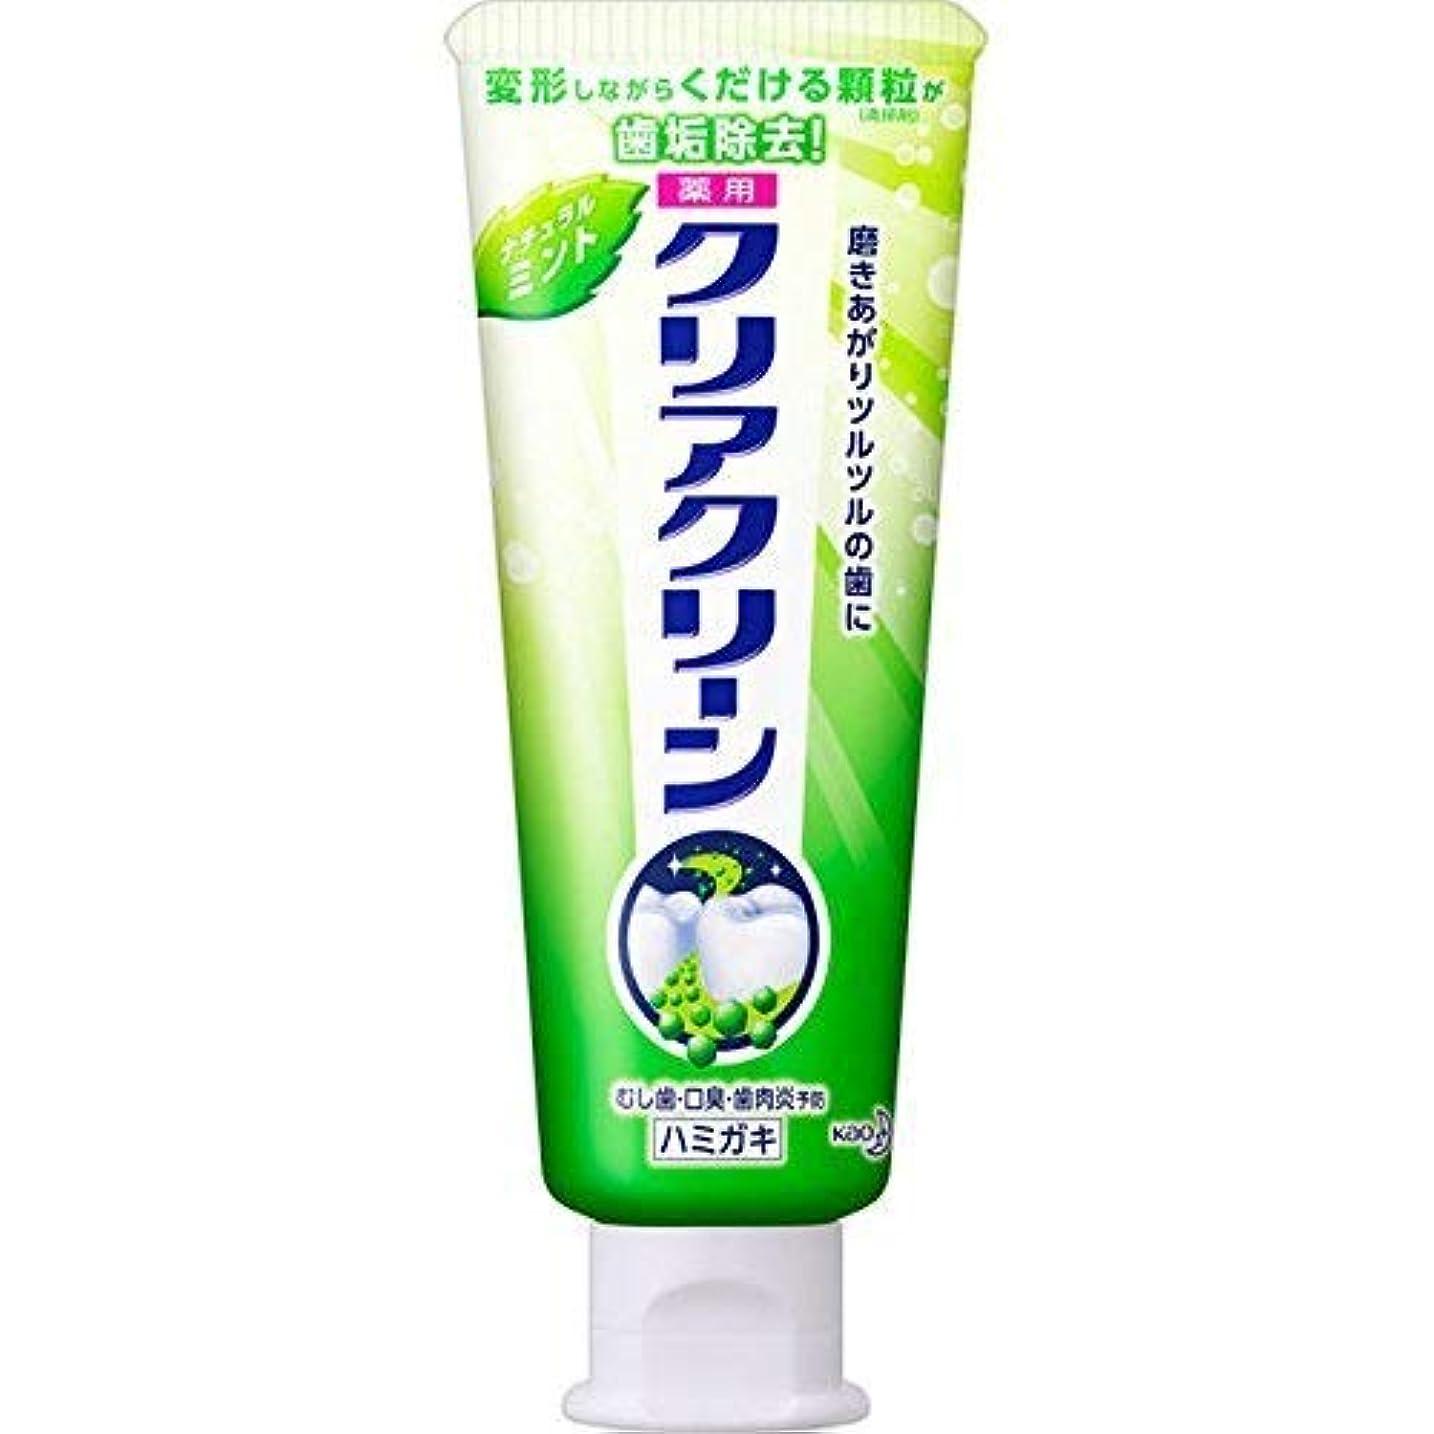 【花王】クリアクリーン ナチュラルミント スタンディングチューブ 小 80g ×10個セット